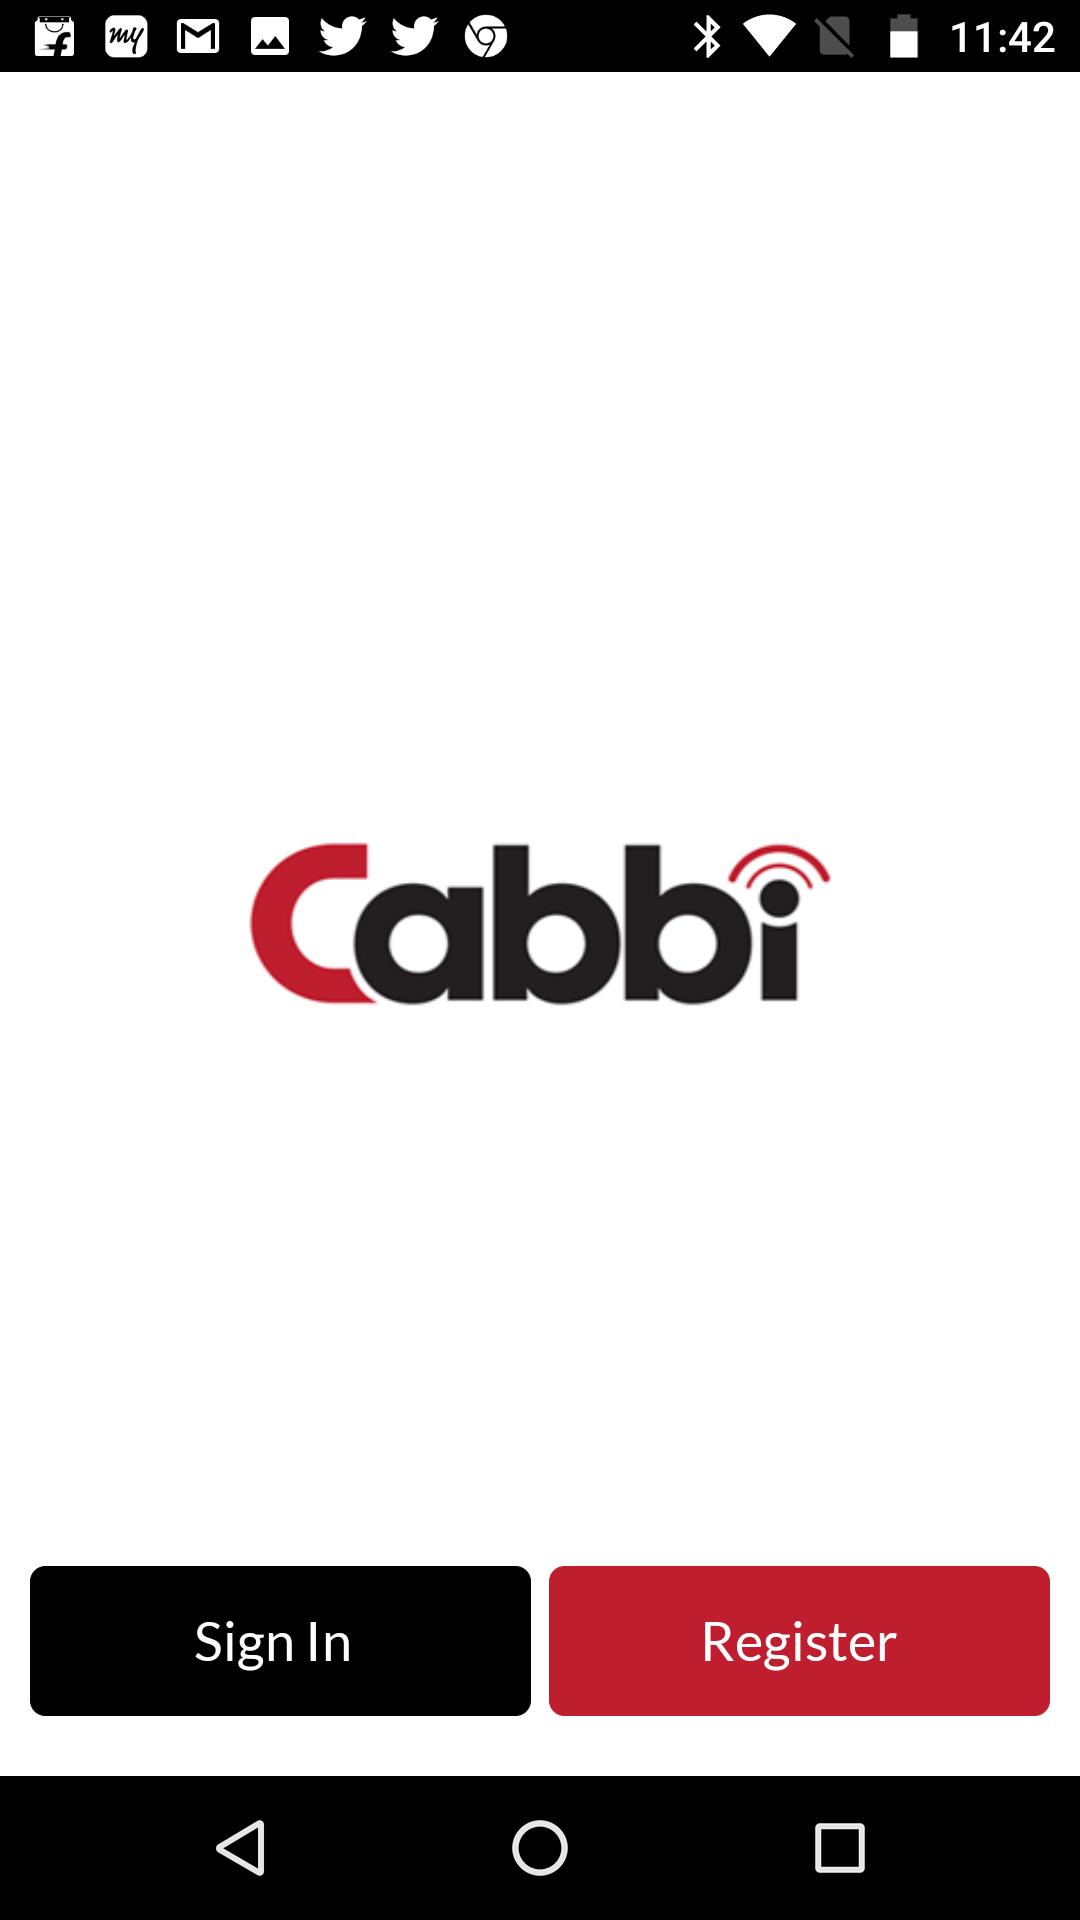 Cabbi